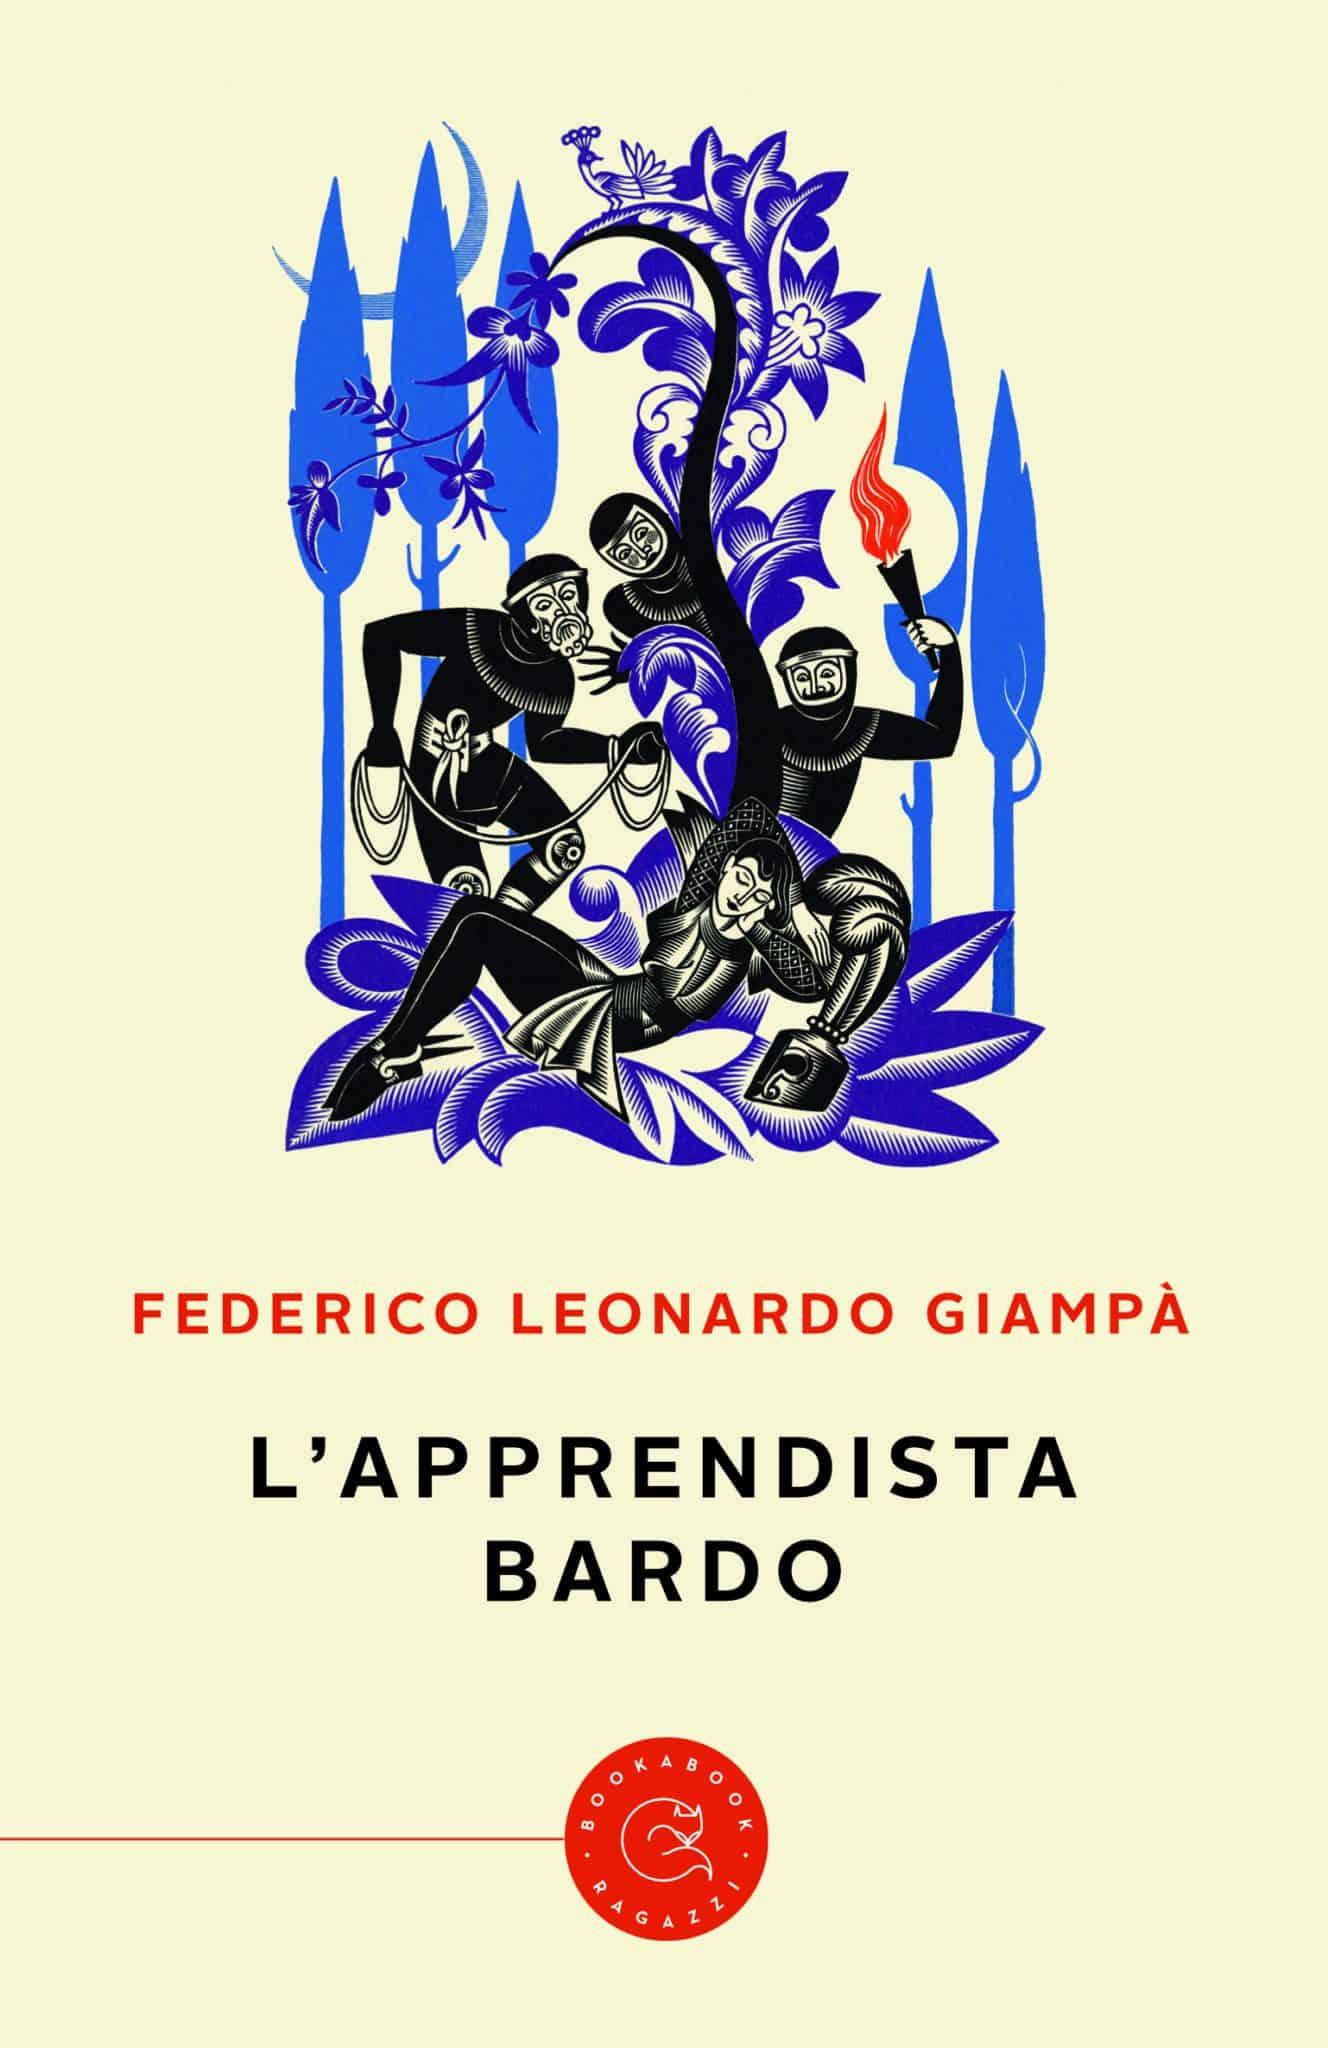 L'apprendista bardo di Federico Leonardo Giampà